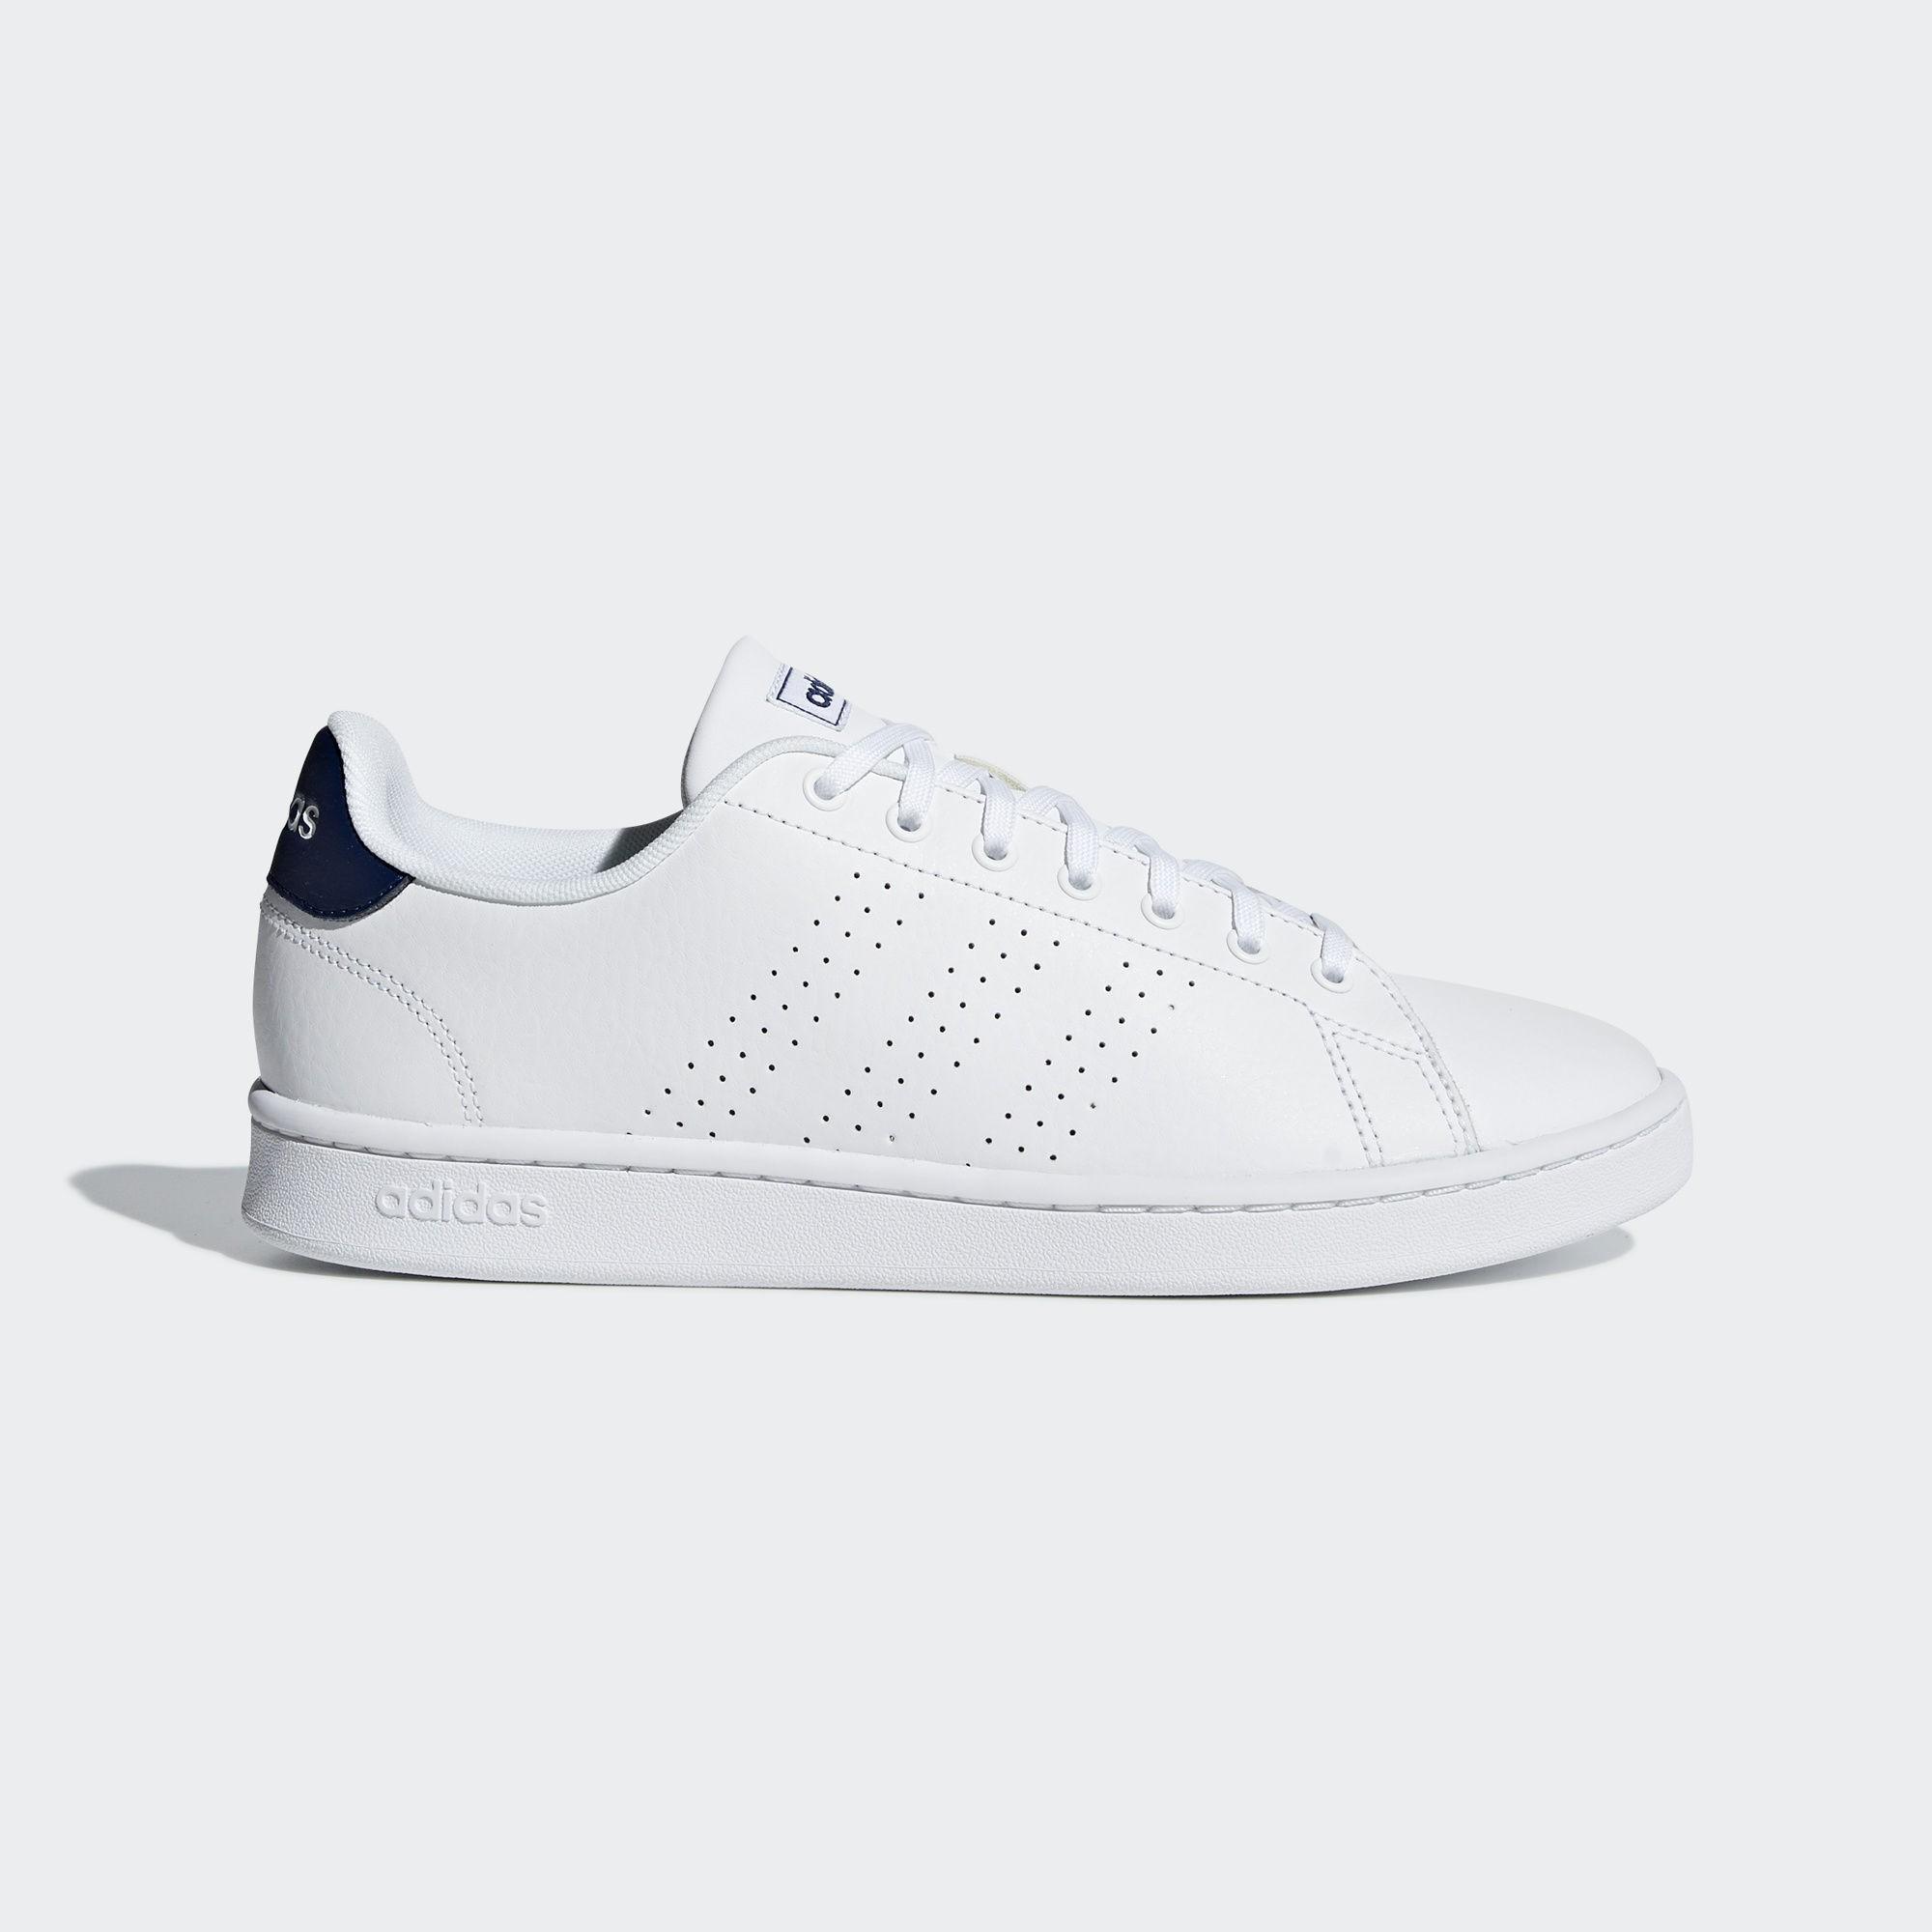 adidas zapatillas hombres blancas